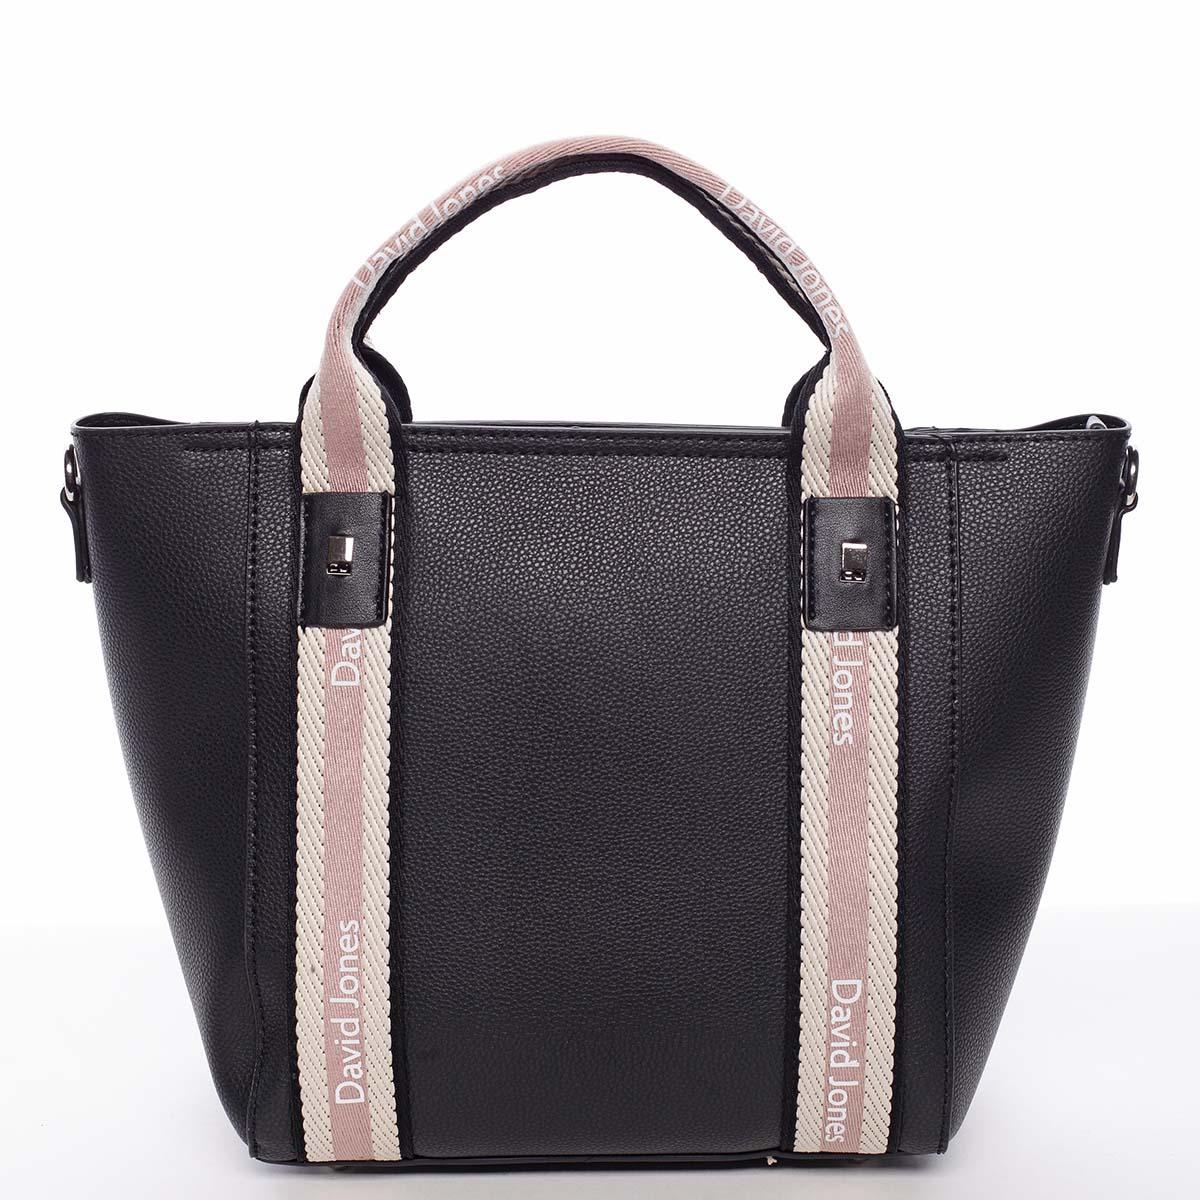 Moderná dámska čierna kabelka do ruky - David Jones Agna čierna